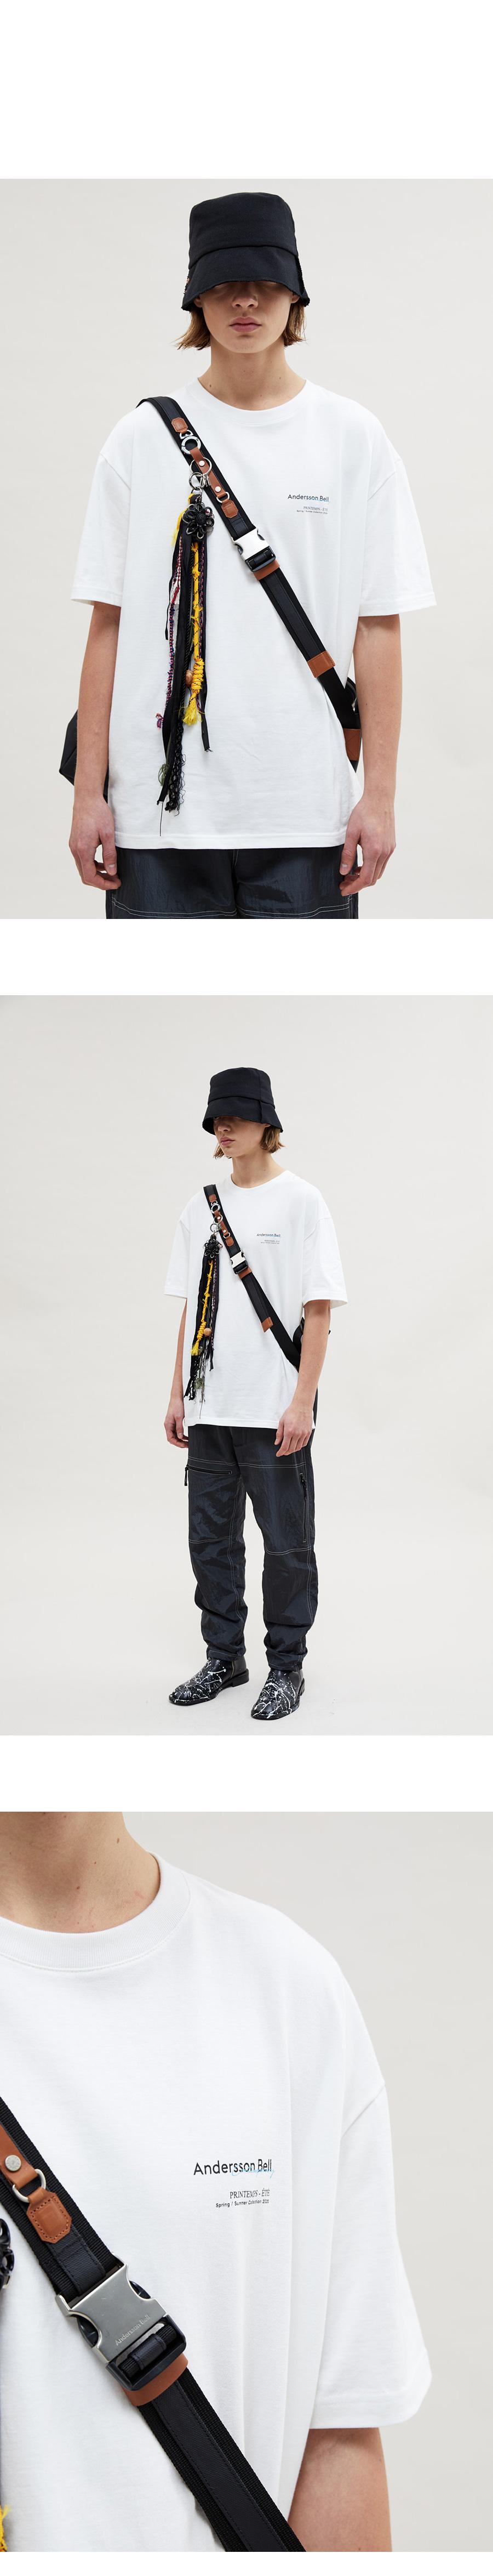 앤더슨벨(ANDERSSON BELL) 유니섹스 팡통 에테 시즌 티셔츠 atb479u(BLACK)